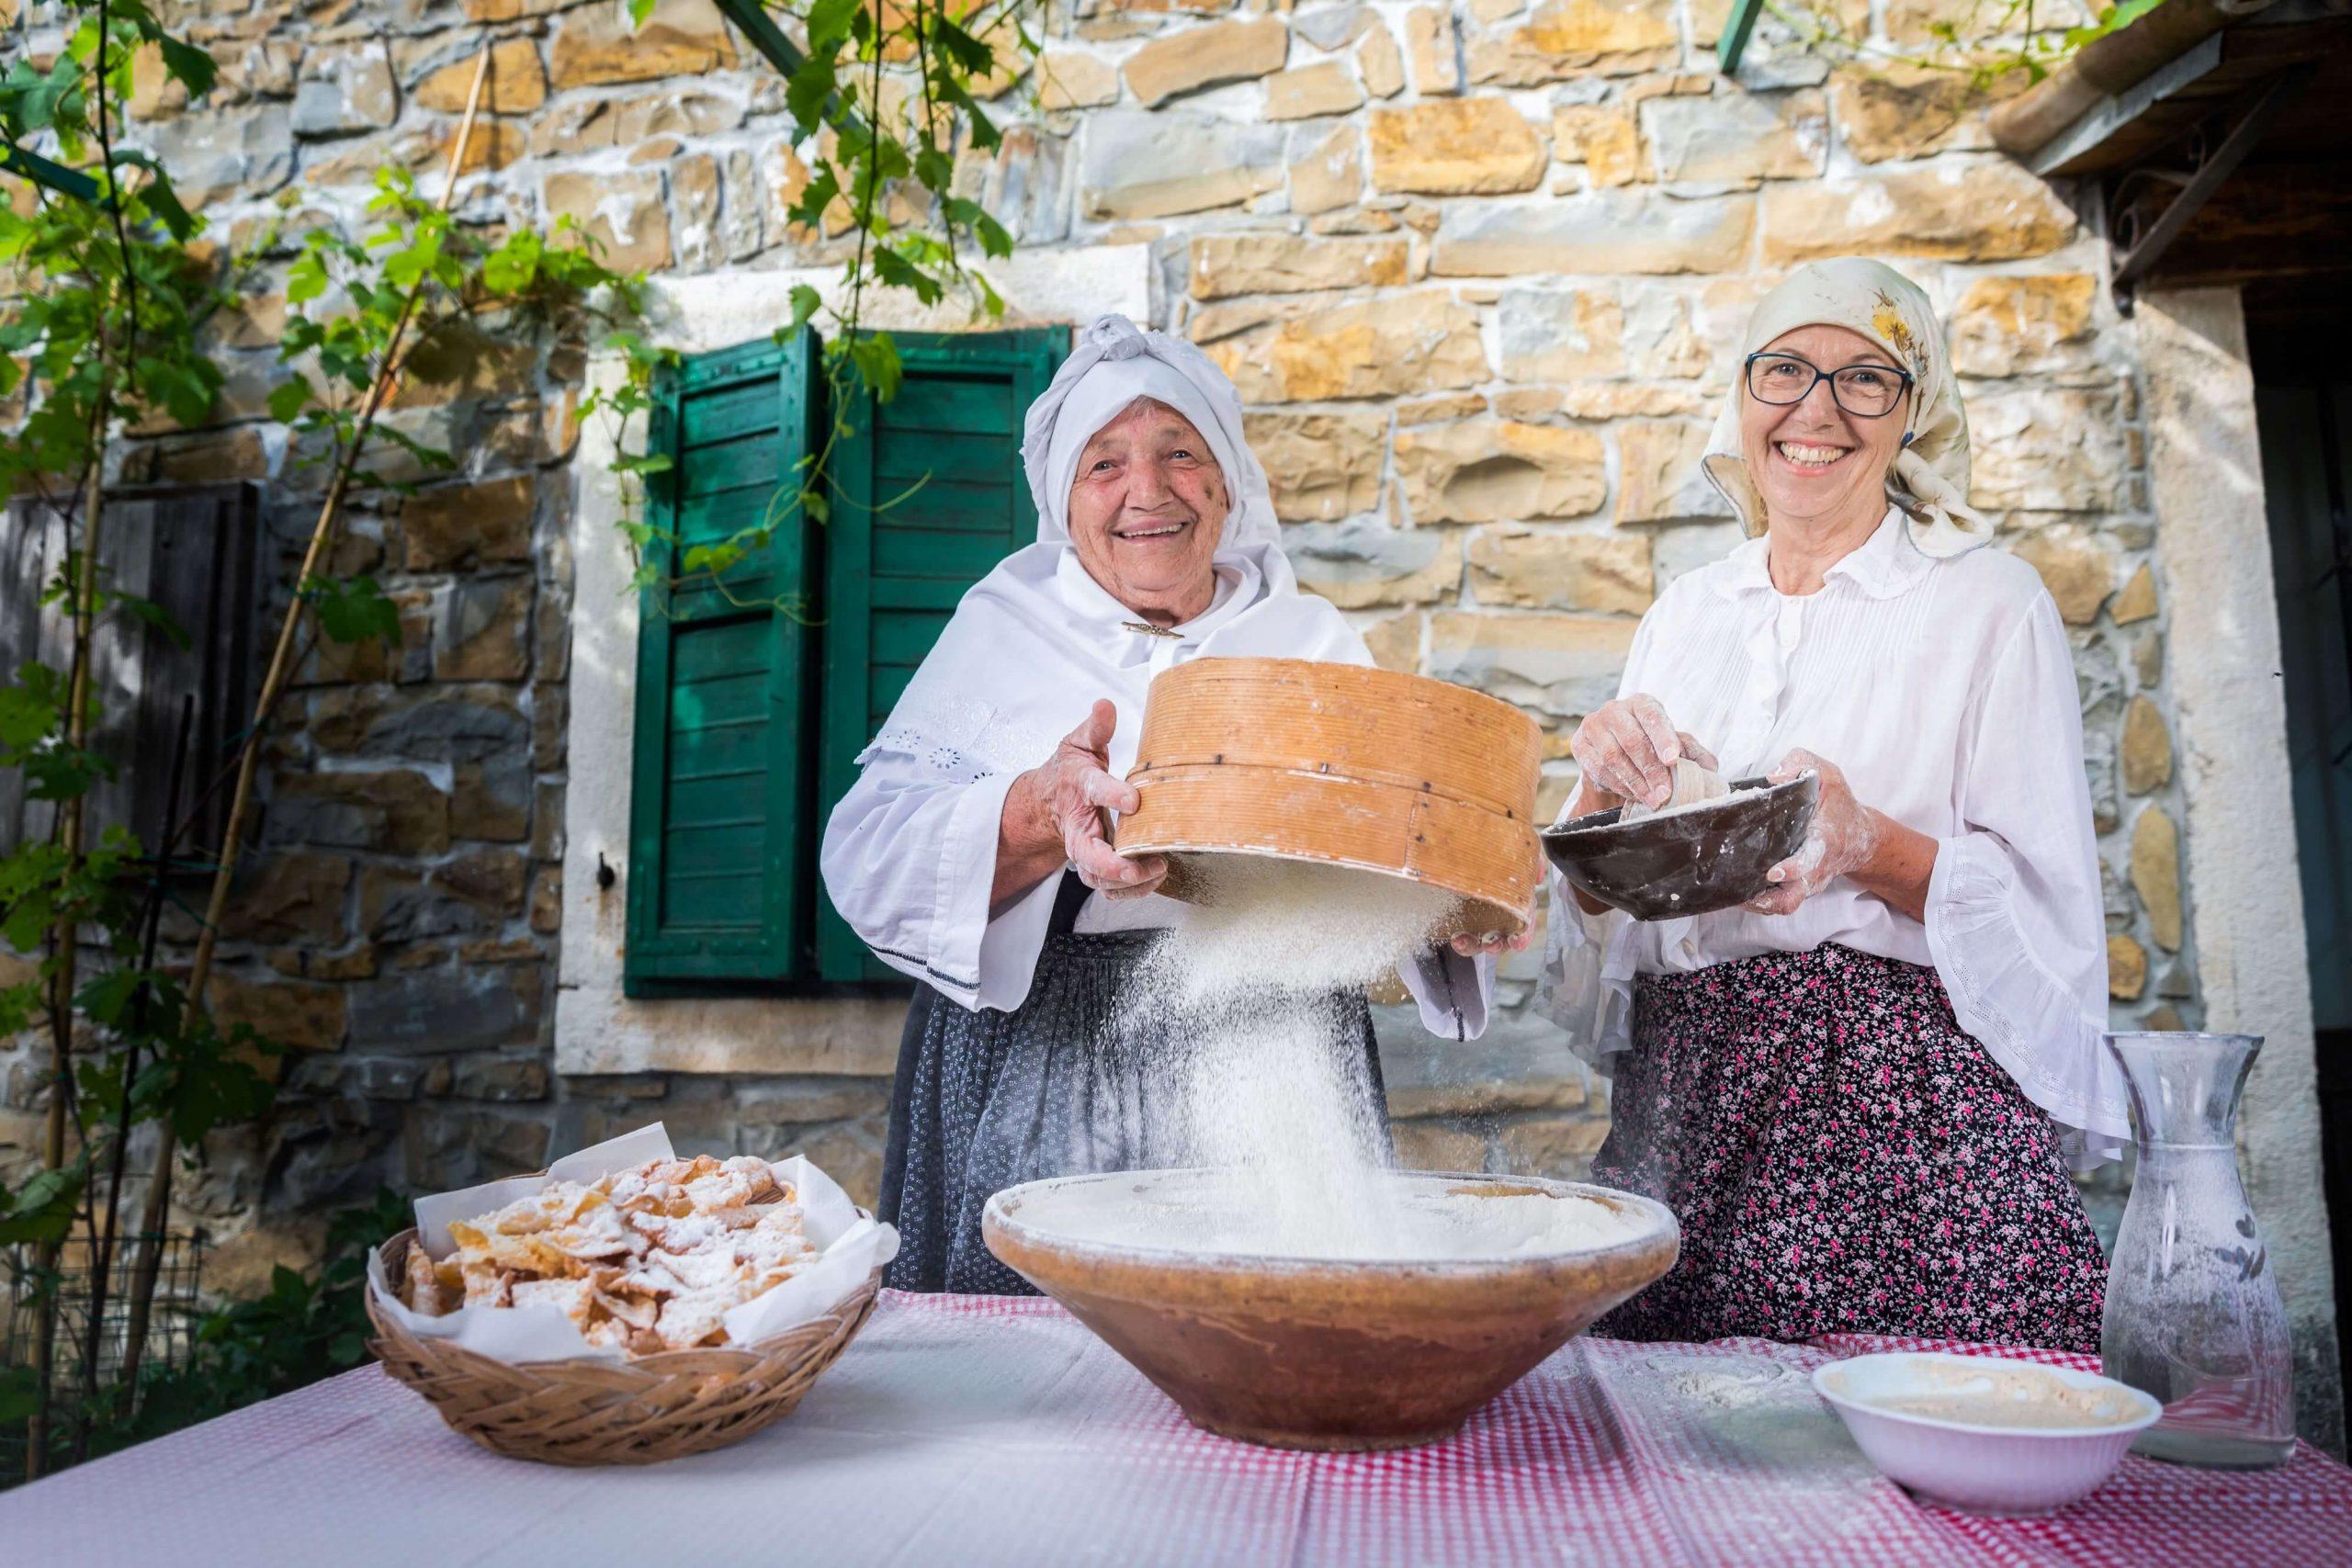 Iz naše Istre po domače: lokalne dobrote in tradicionalne obrti